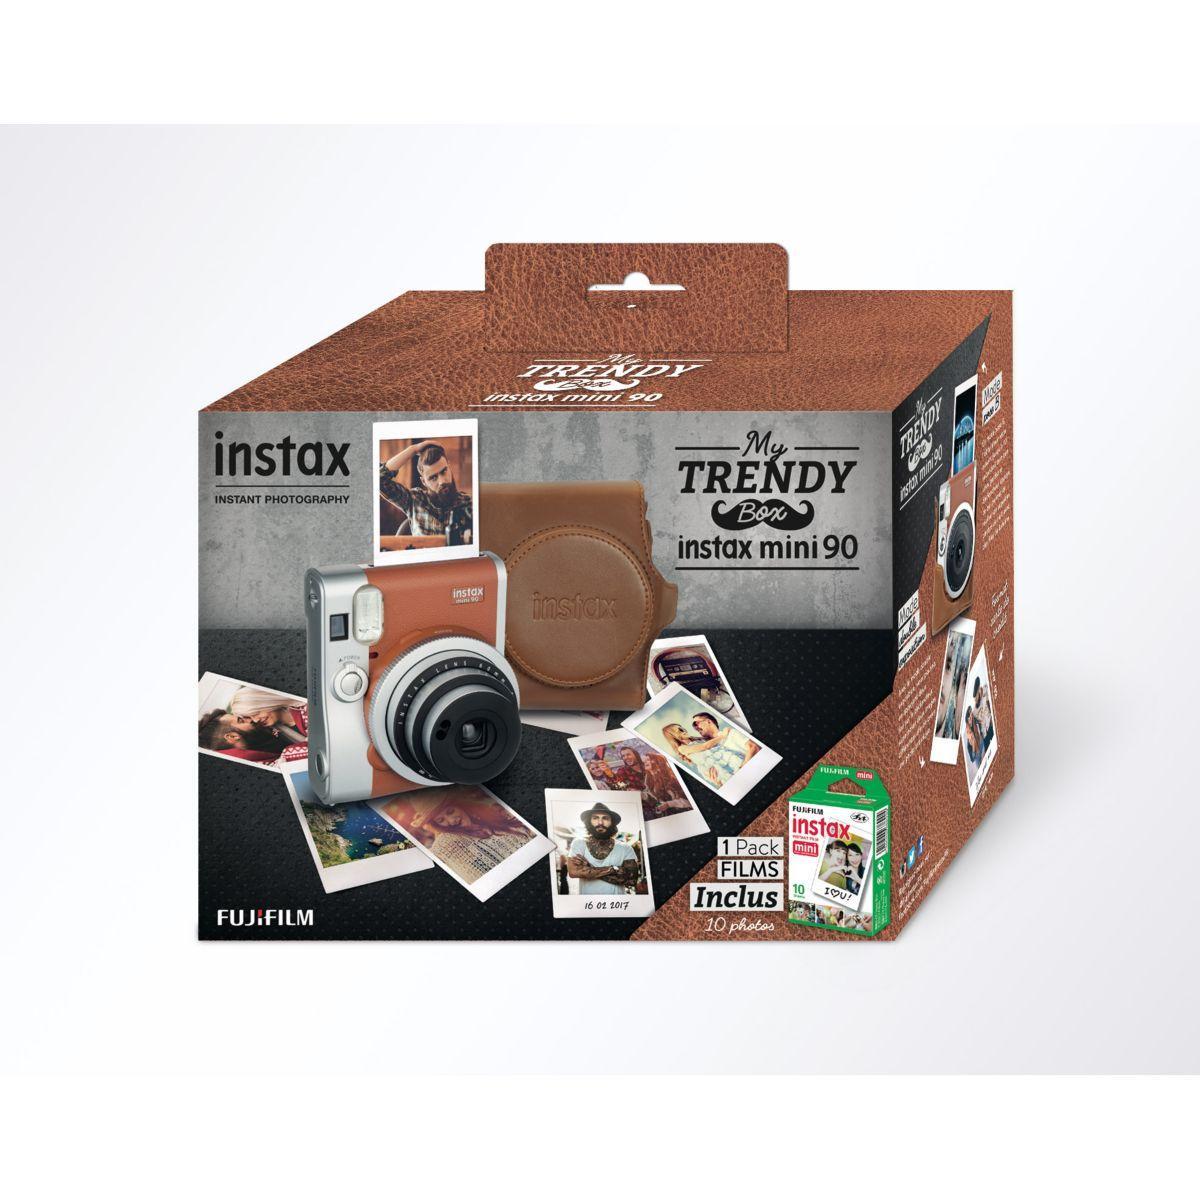 Appareil photo numérique fuji instax mini 90 « pack trendy > - 7% de remise immédiate avec le code : multi7